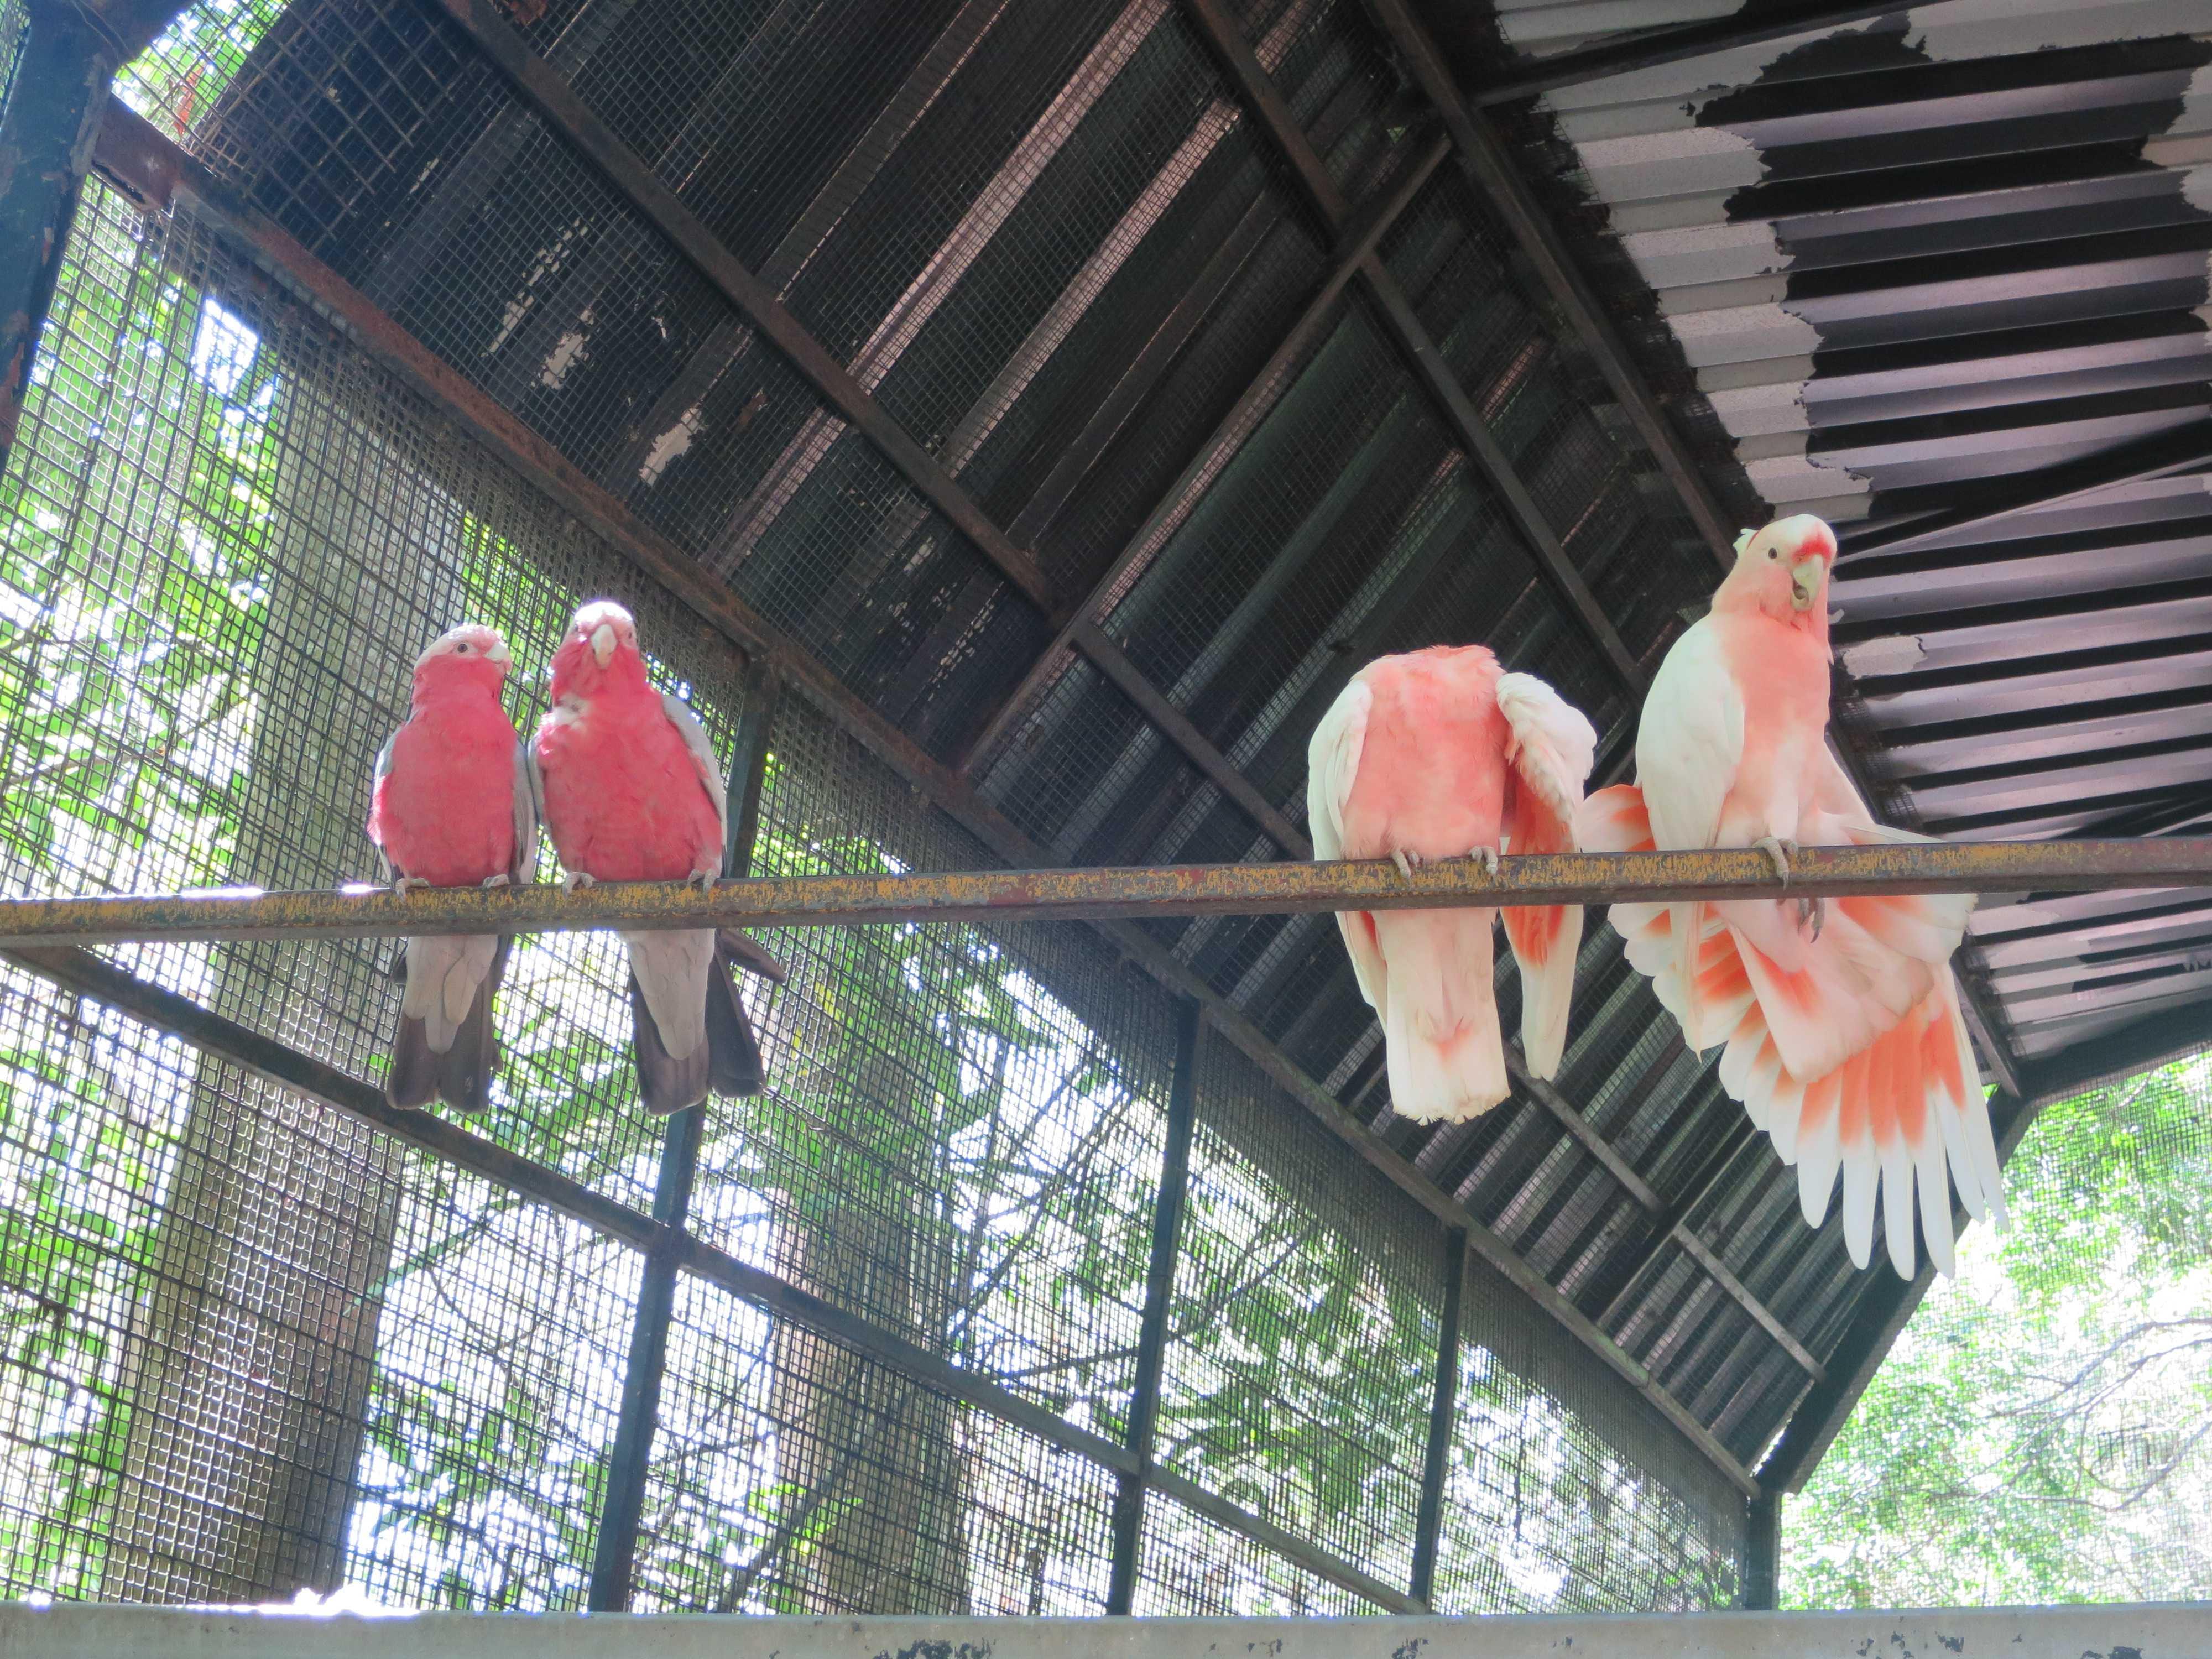 ケアンズトロピカルズー - ピンク色の鳥